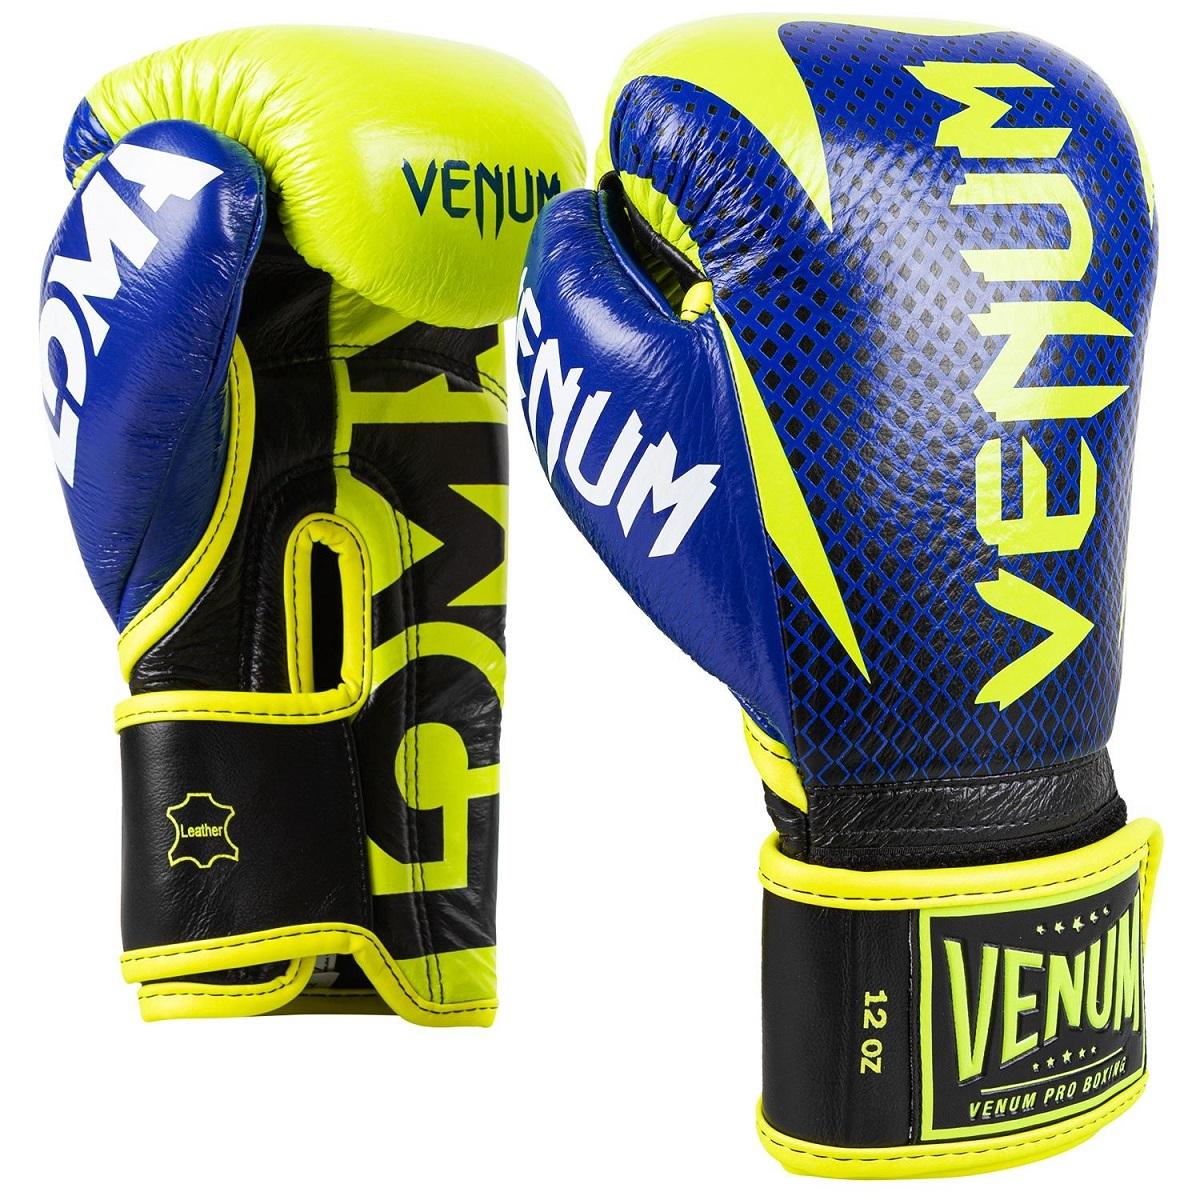 VENUM ボクシンググローブ マジックテープ式 HAMMER PRO BOXING GLOVES LOMA EDITION //ボクシング キックボクシング スパーリング 送料無料